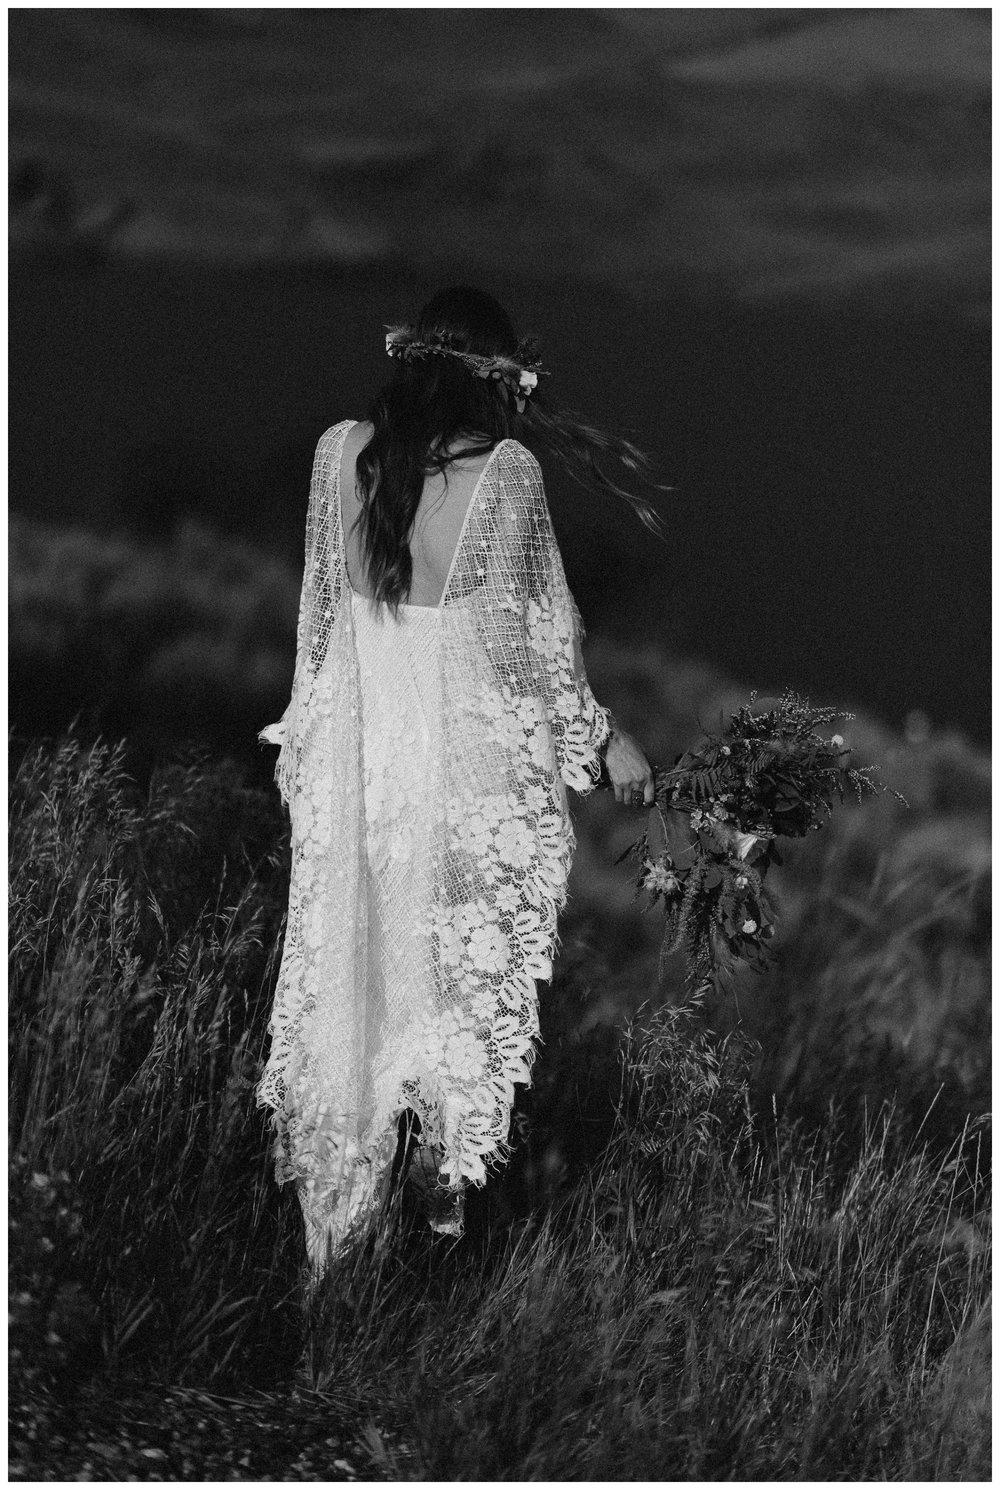 Rangefinder-Top-Wedding-Photographers-Adventure-Instead-Maddie-Mae-Destination-Elopement-Photography-Eloping-Photographers_0011.jpg